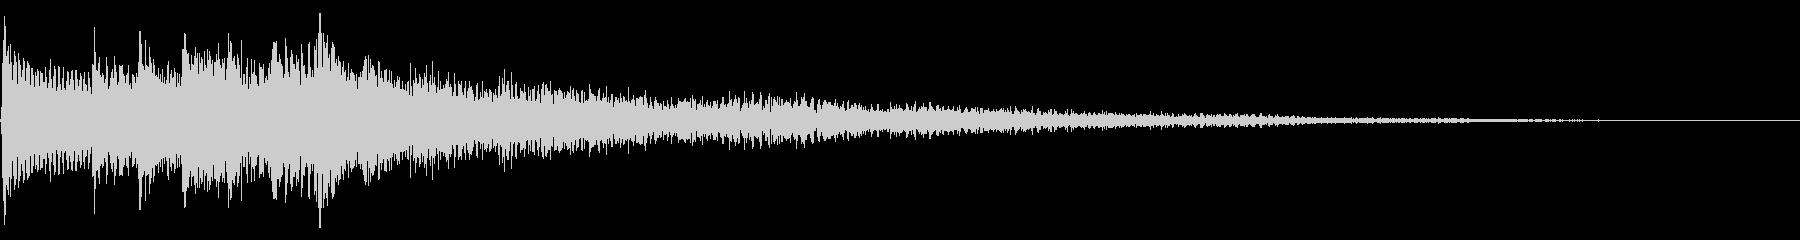 幻想的な場面転換音 クラシカルなフレーズの未再生の波形